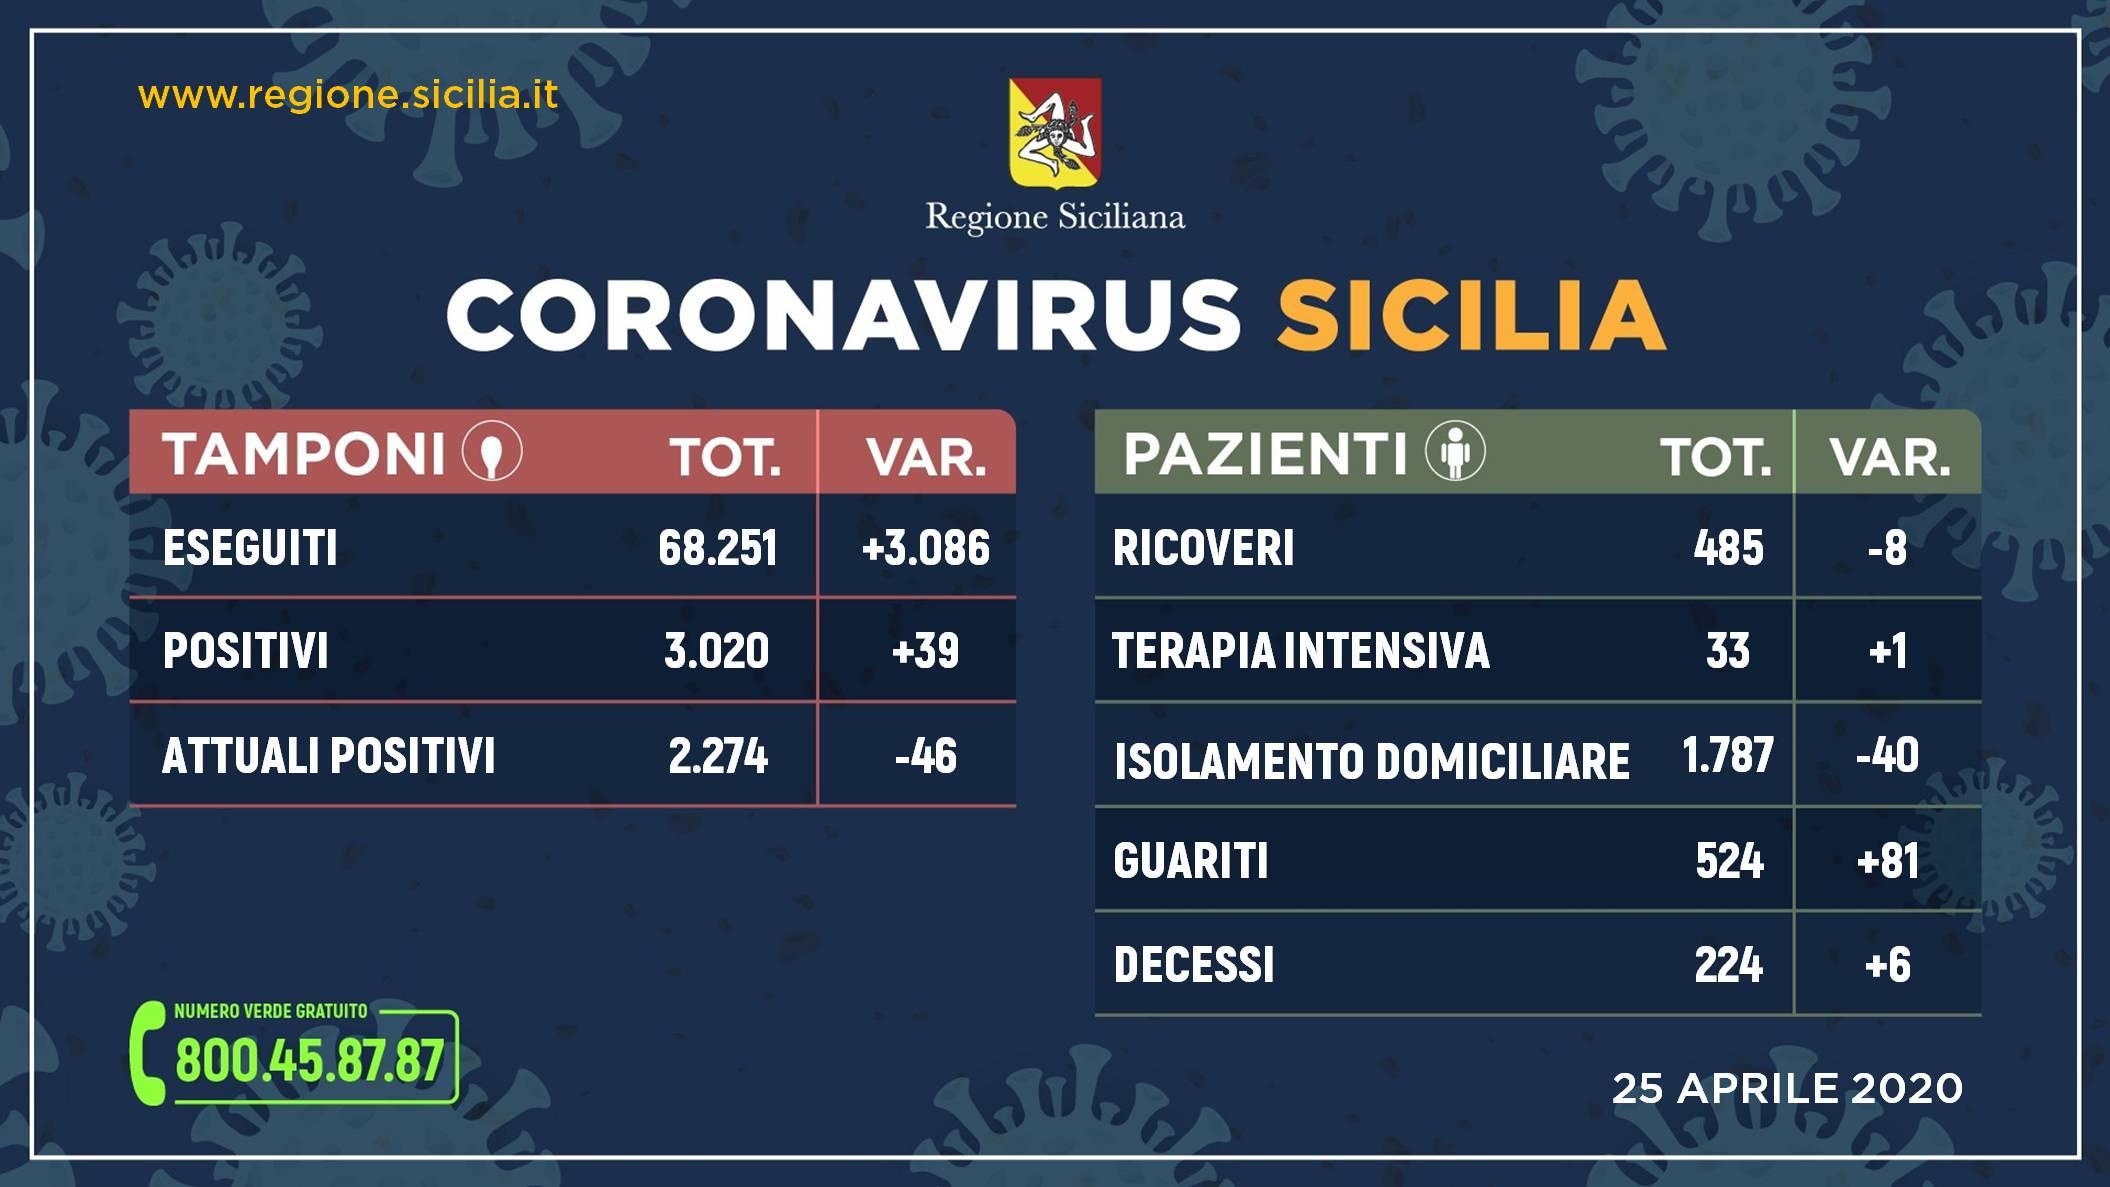 Coronavirus, in Sicilia netto calo di ricoverati